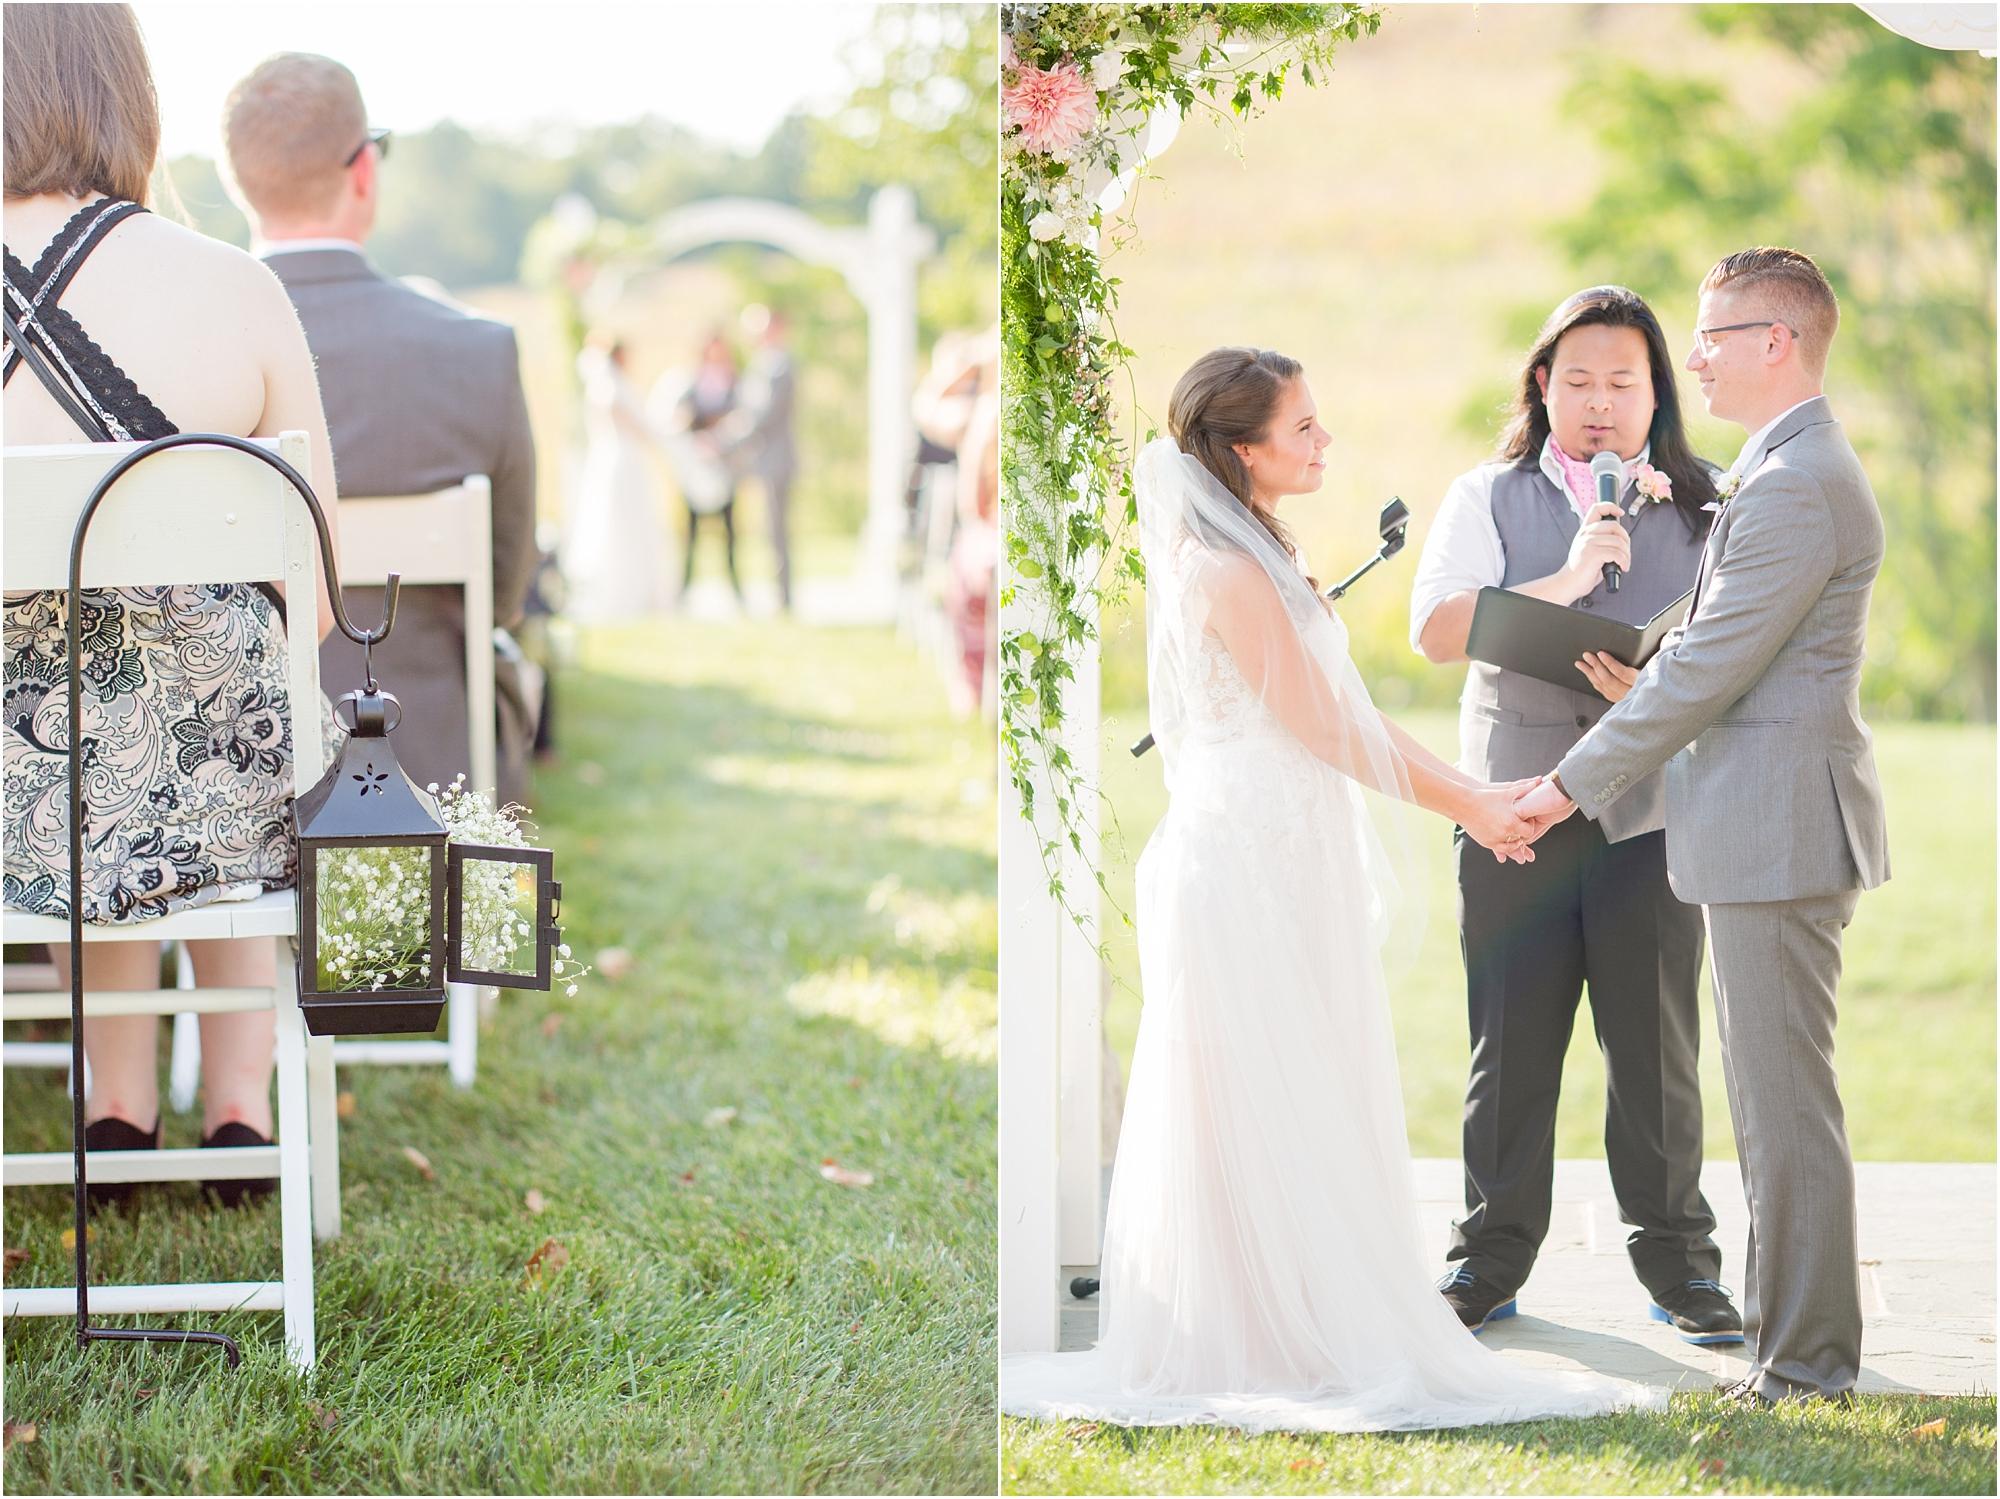 Tomaszewski 5-Ceremony-901_anna grace photography baltimore maryland wedding photographer rockland estates wedding photo.jpg